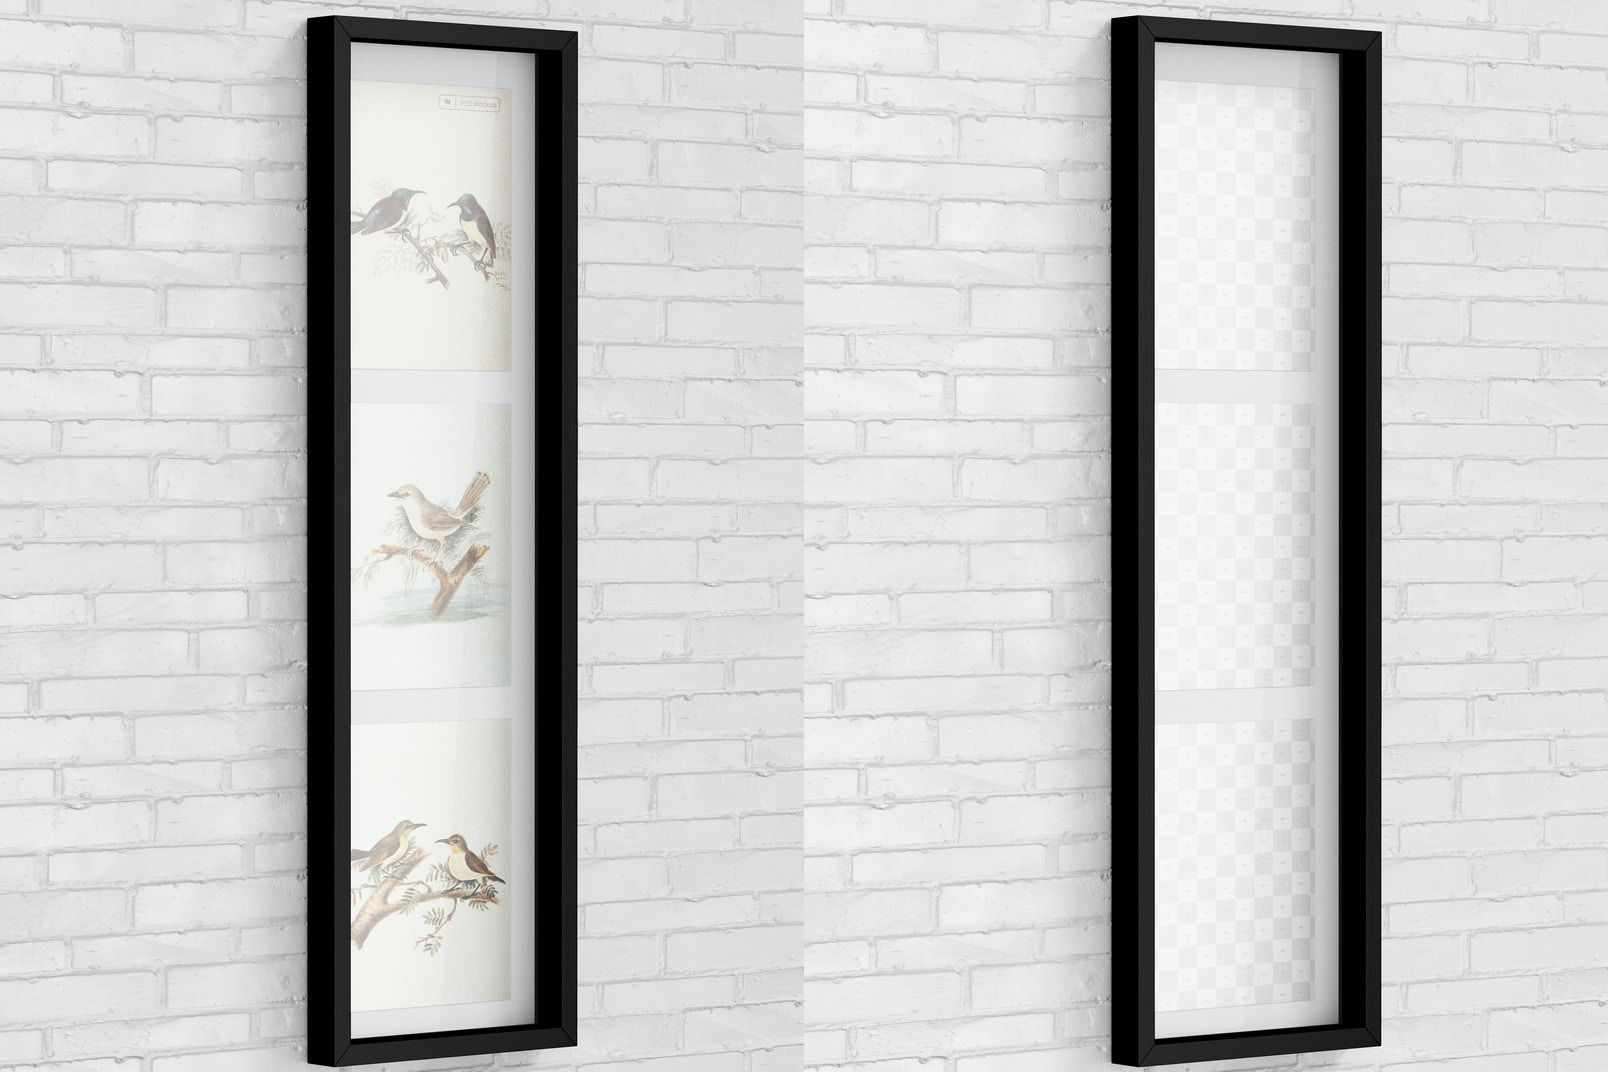 4:3 Multiple Photo Frame Mockup, Vertical